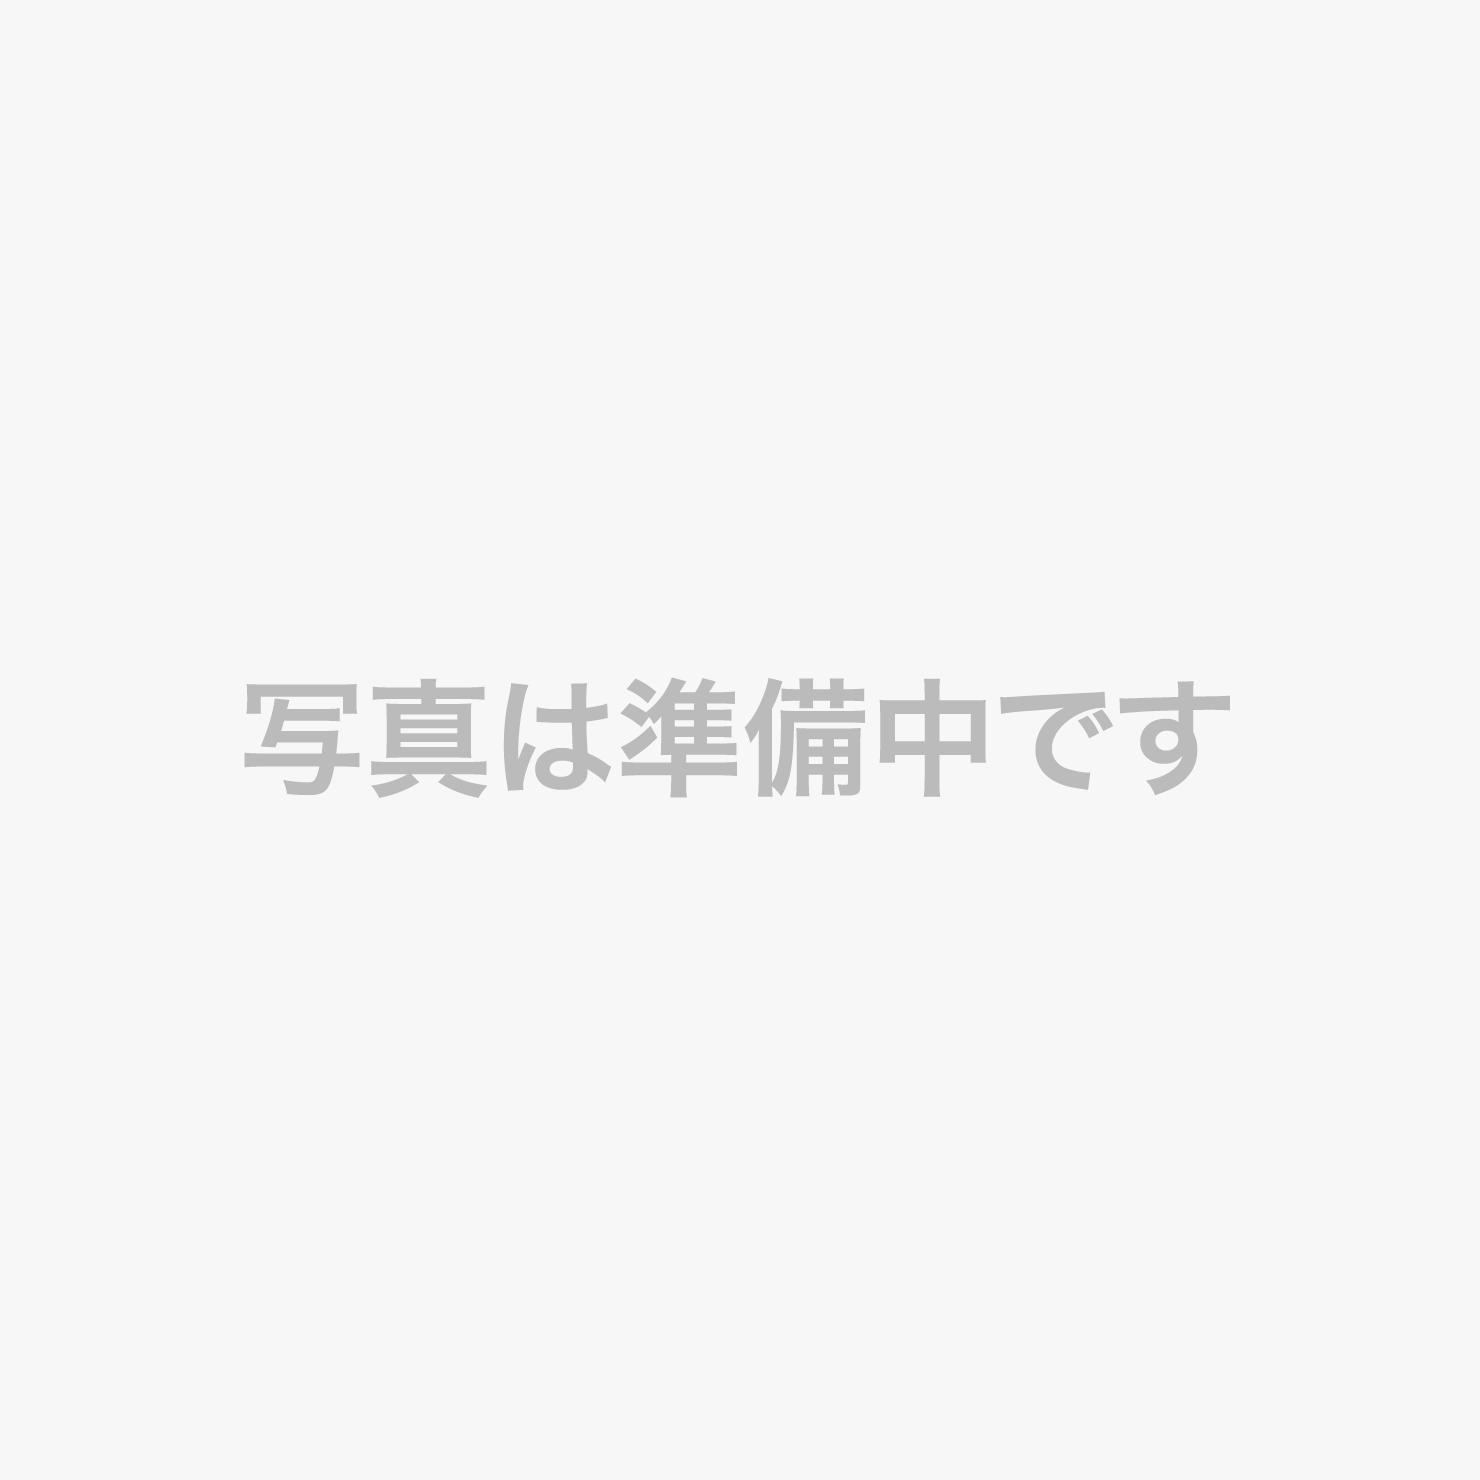 【ザ・メイン】ウィンターイルミネーション